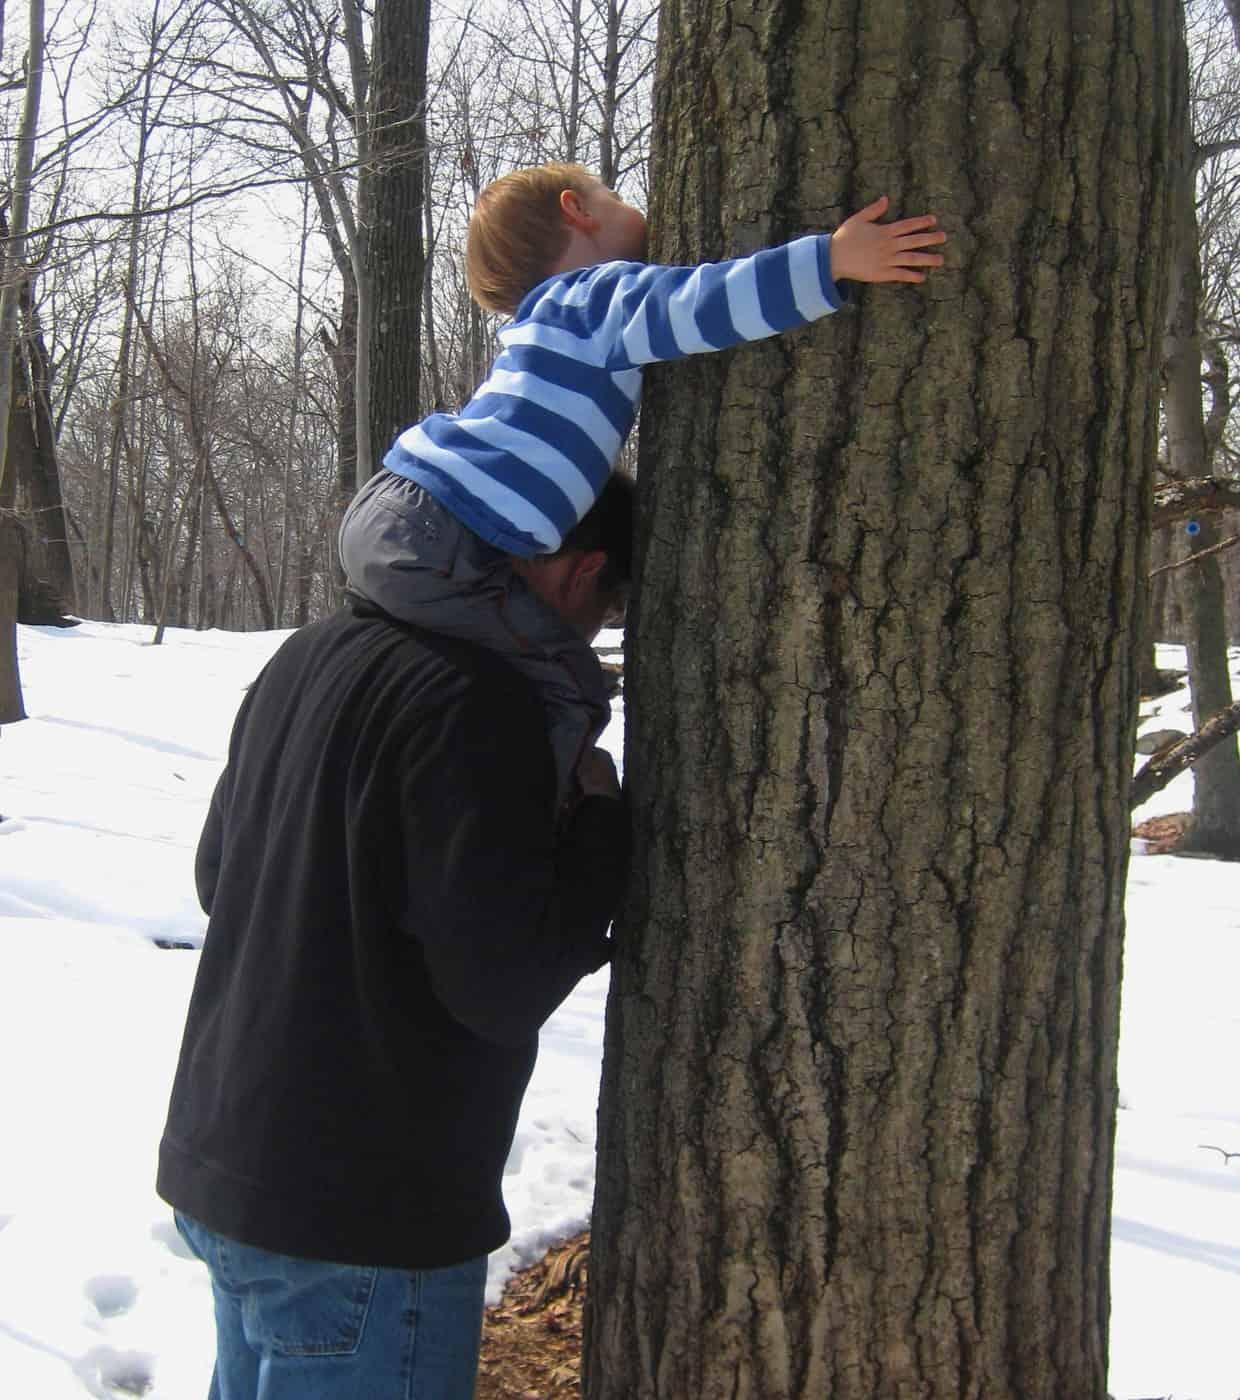 Raising a Tree Hugger